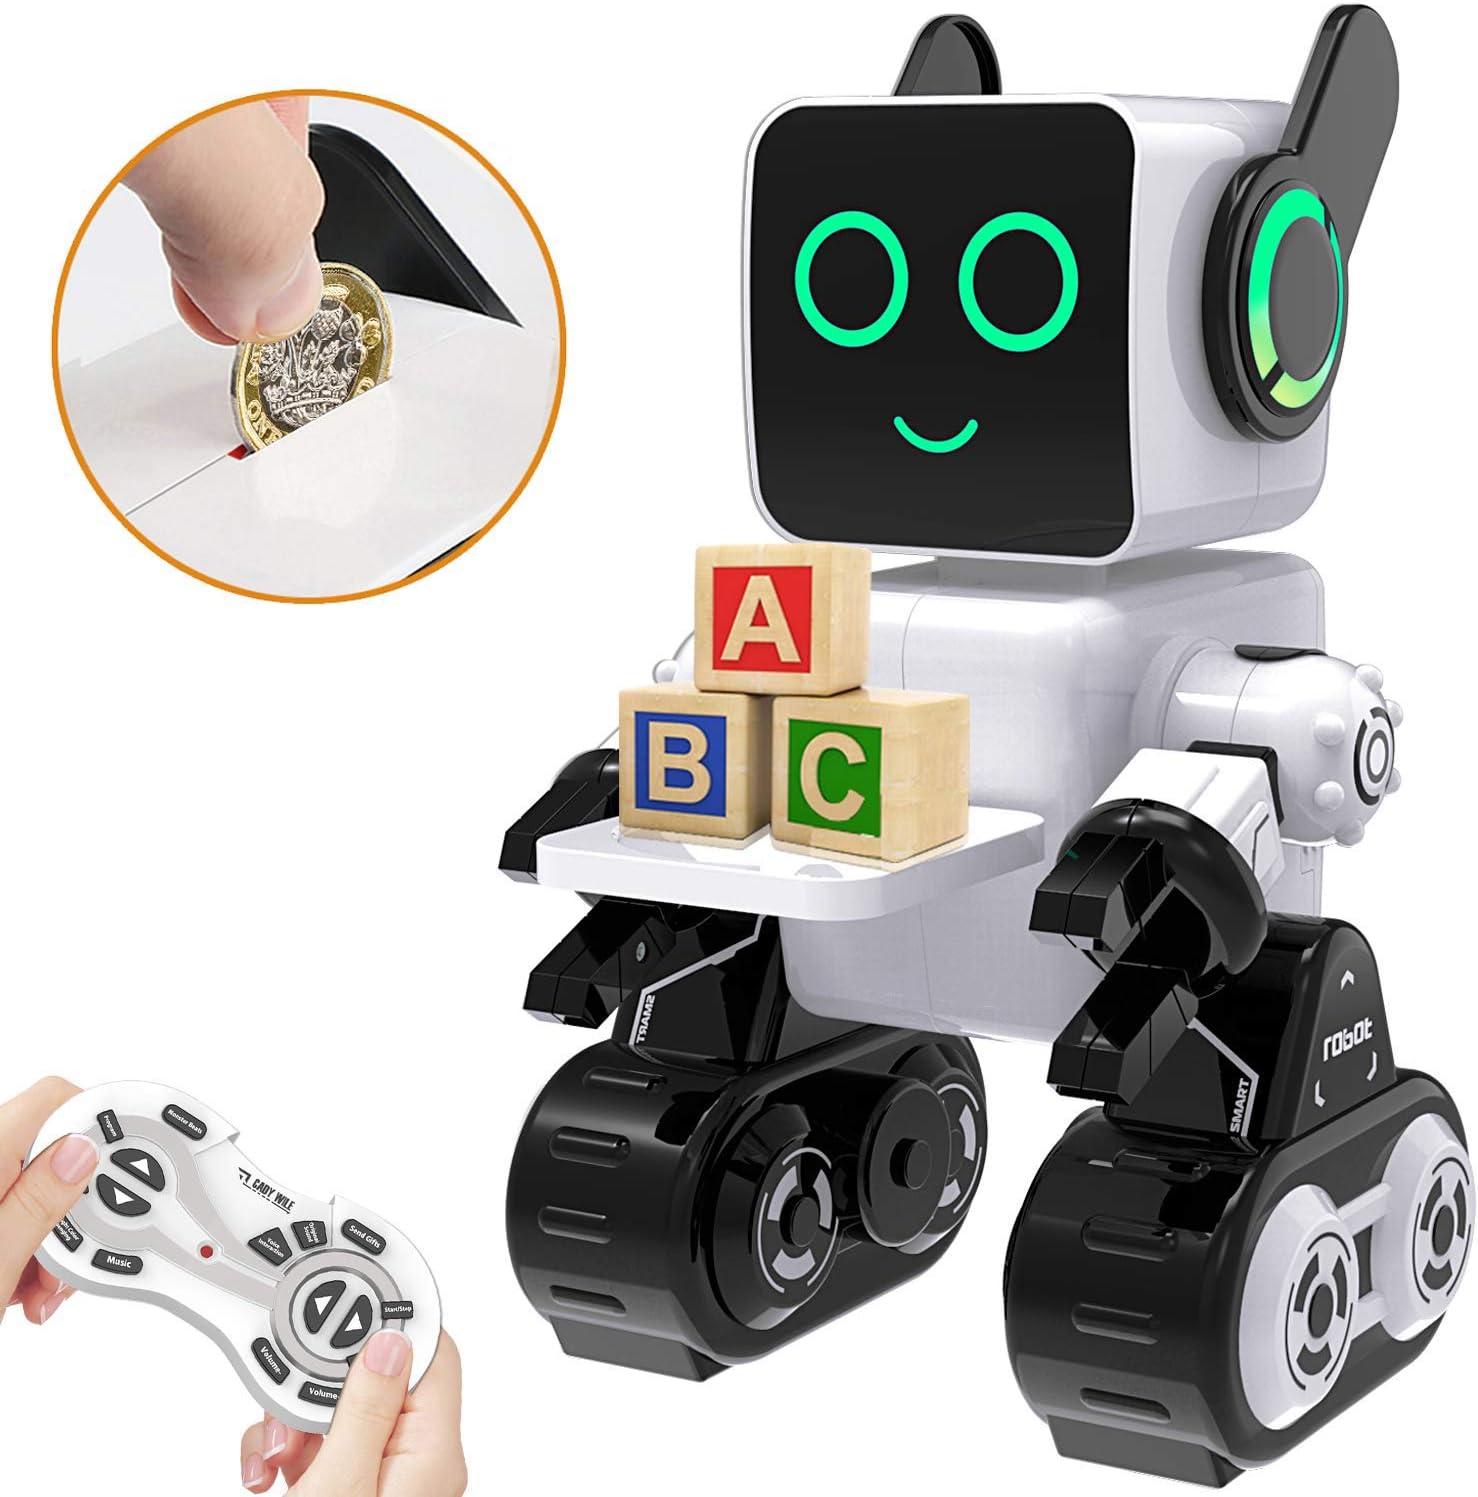 AMOWON Inteligente RC Robot Juguete, Robot de Juguete, Juguete de Regalo para Niños Smart Bots Remote Control RC Robotics Toys Robots Teledirigido: Amazon.es: Deportes y aire libre